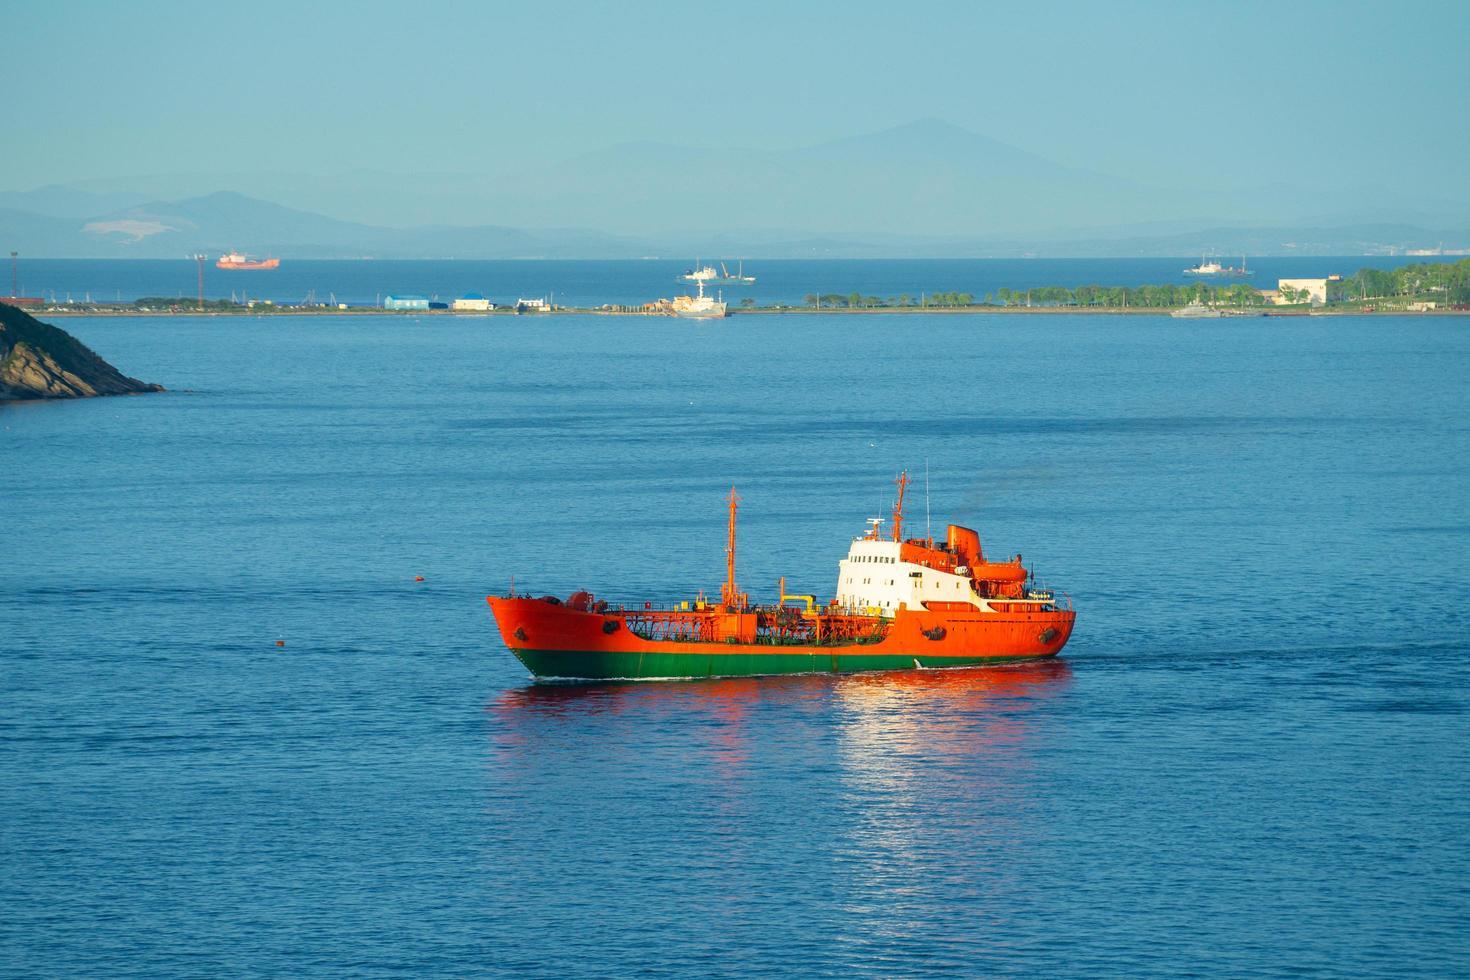 Seelandschaft mit Blick auf die Küste der Stadt. foto